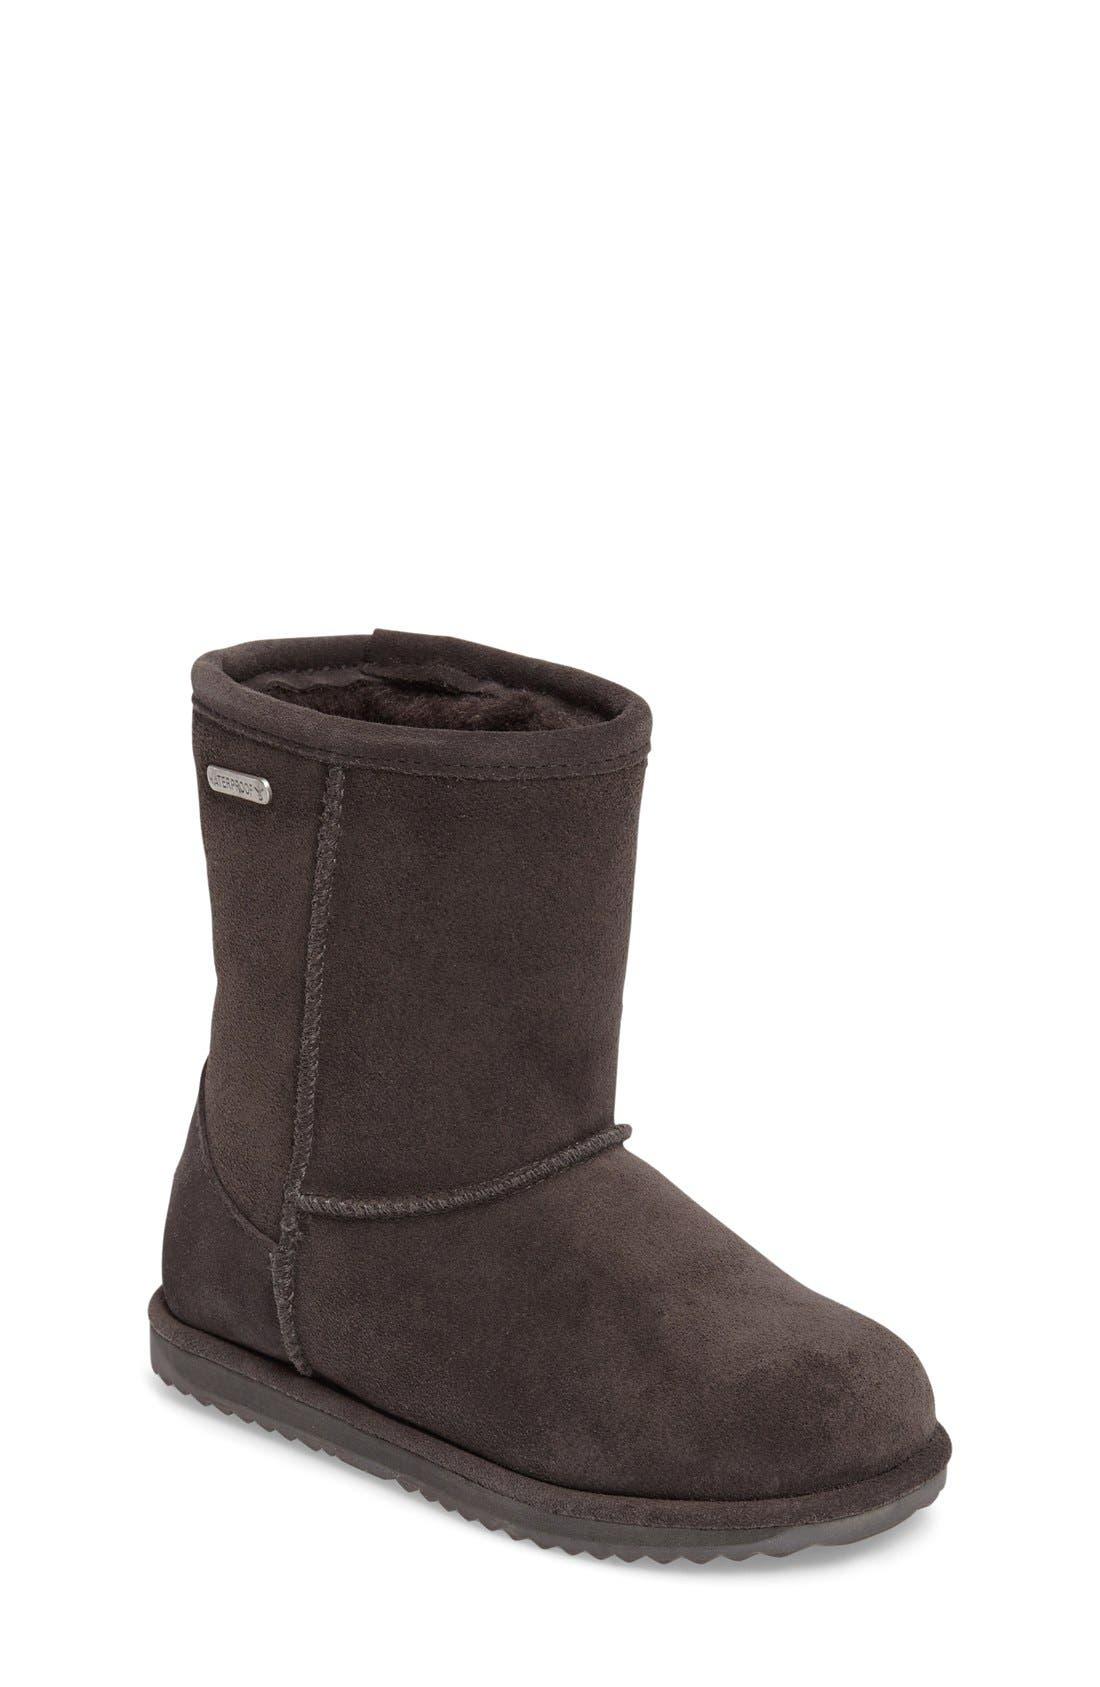 EMU Australia Brumby Waterproof Boot (Toddler, Little Kid & Big Kid)